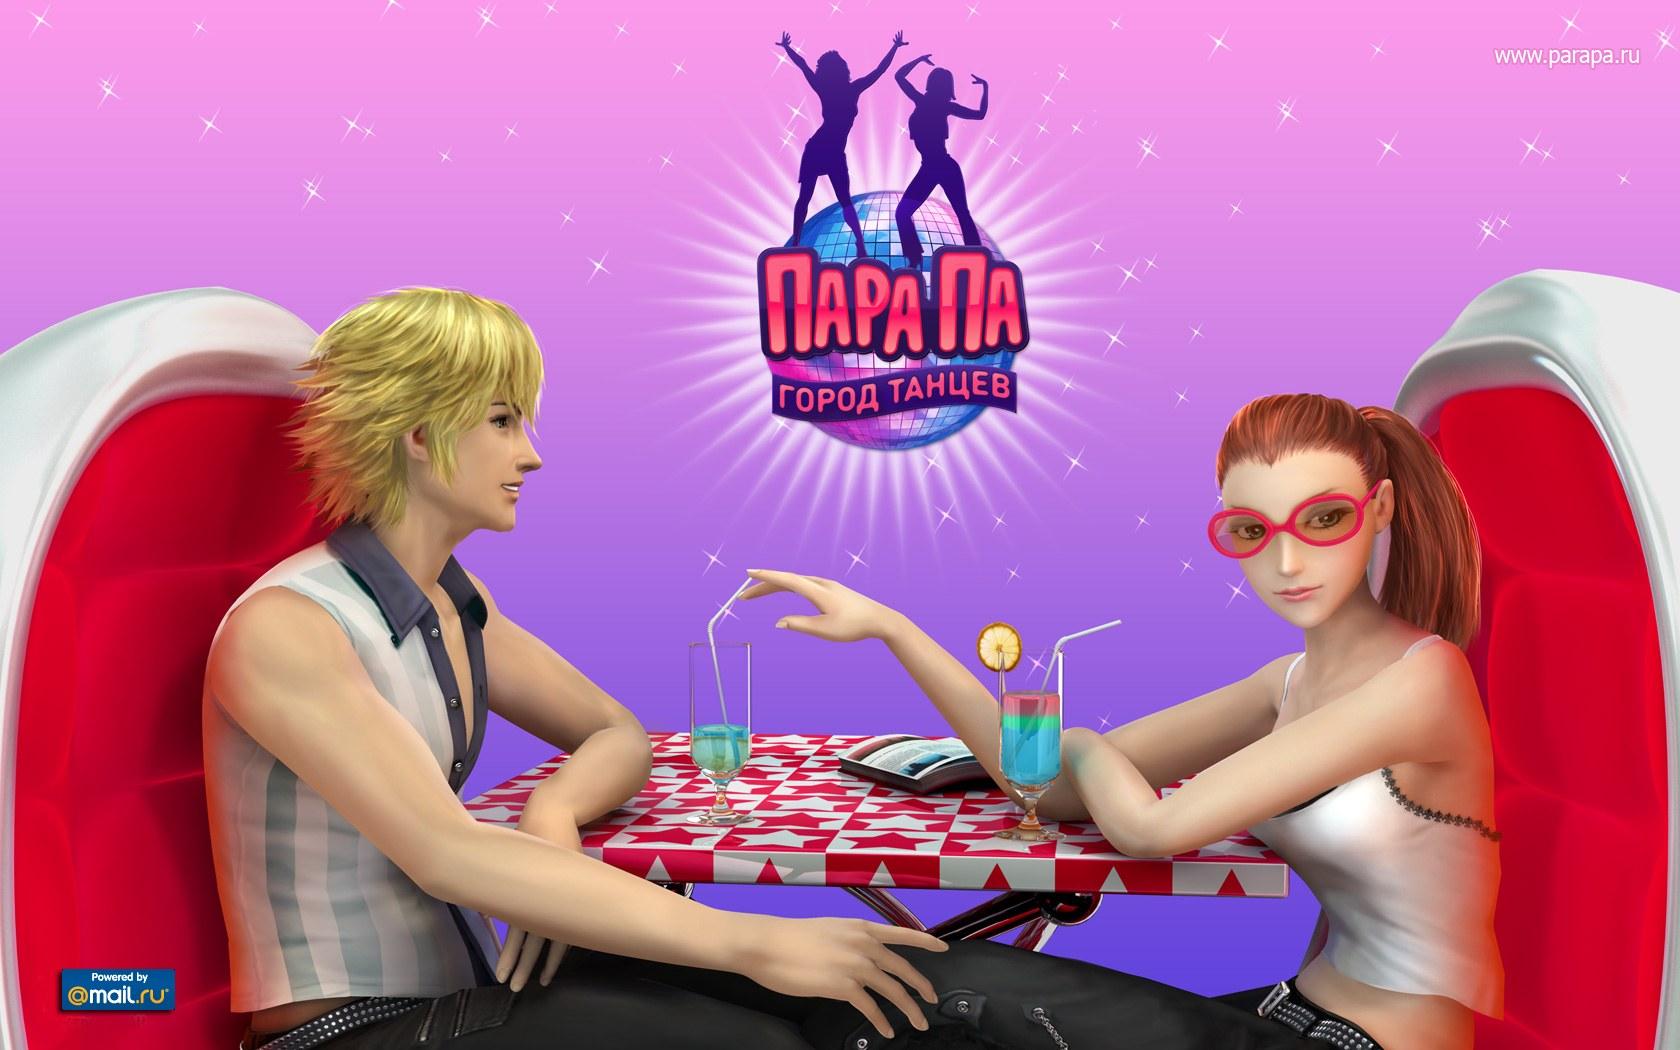 Как играть в онлайн игры бесплатно. Где скачать игры по интернету